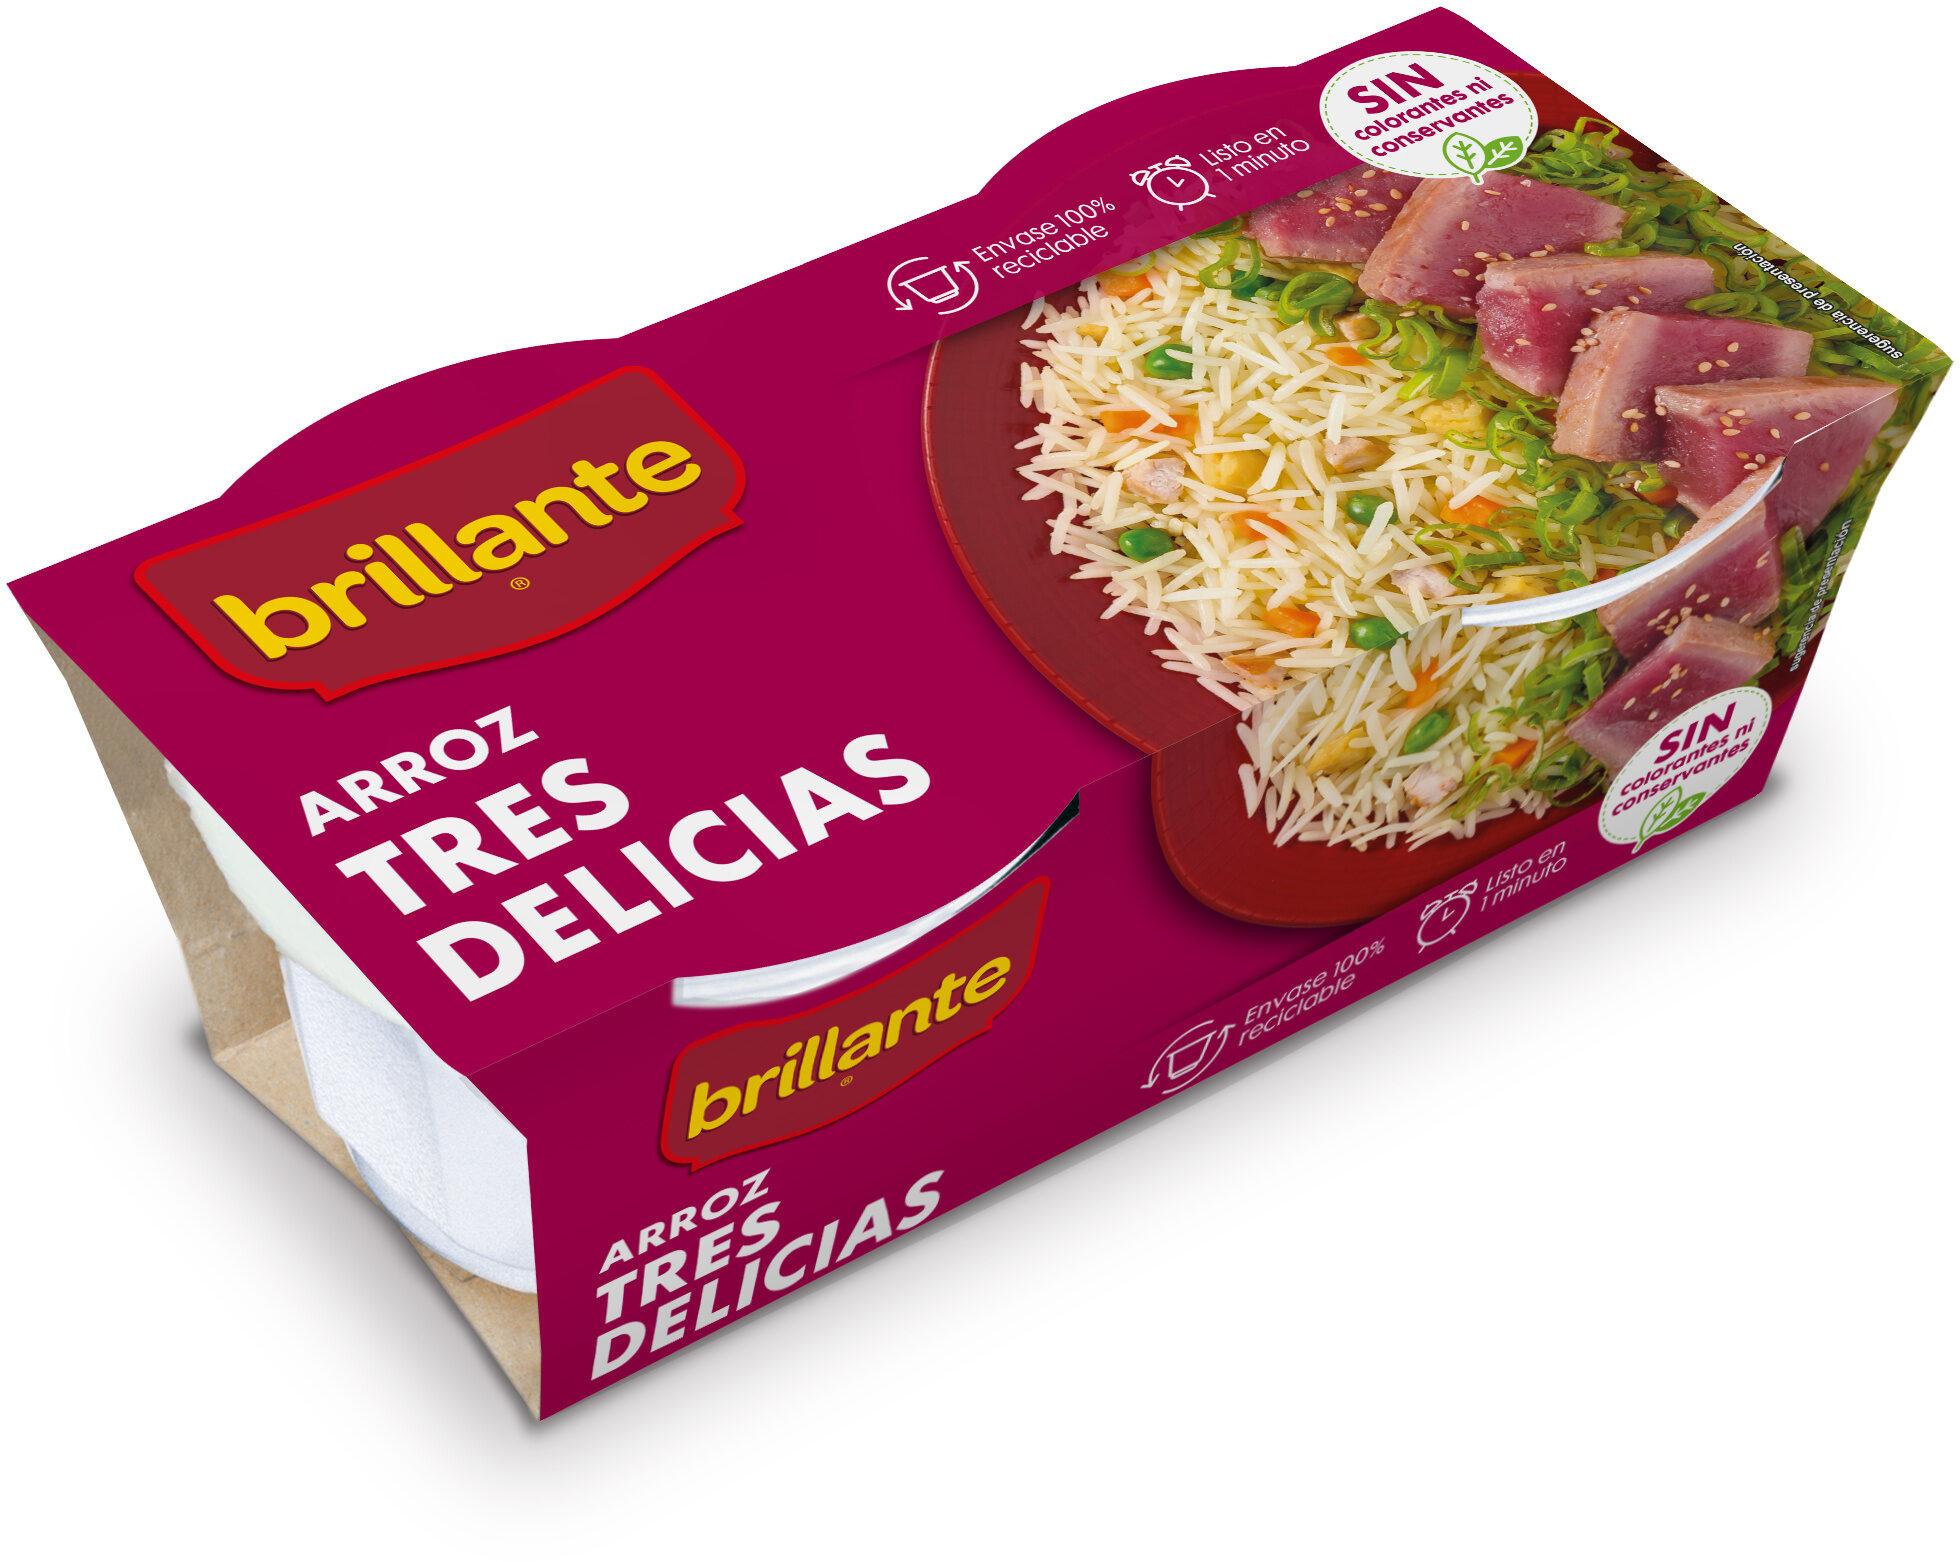 Brillante vasito de arroz tres delicias - Producte - es